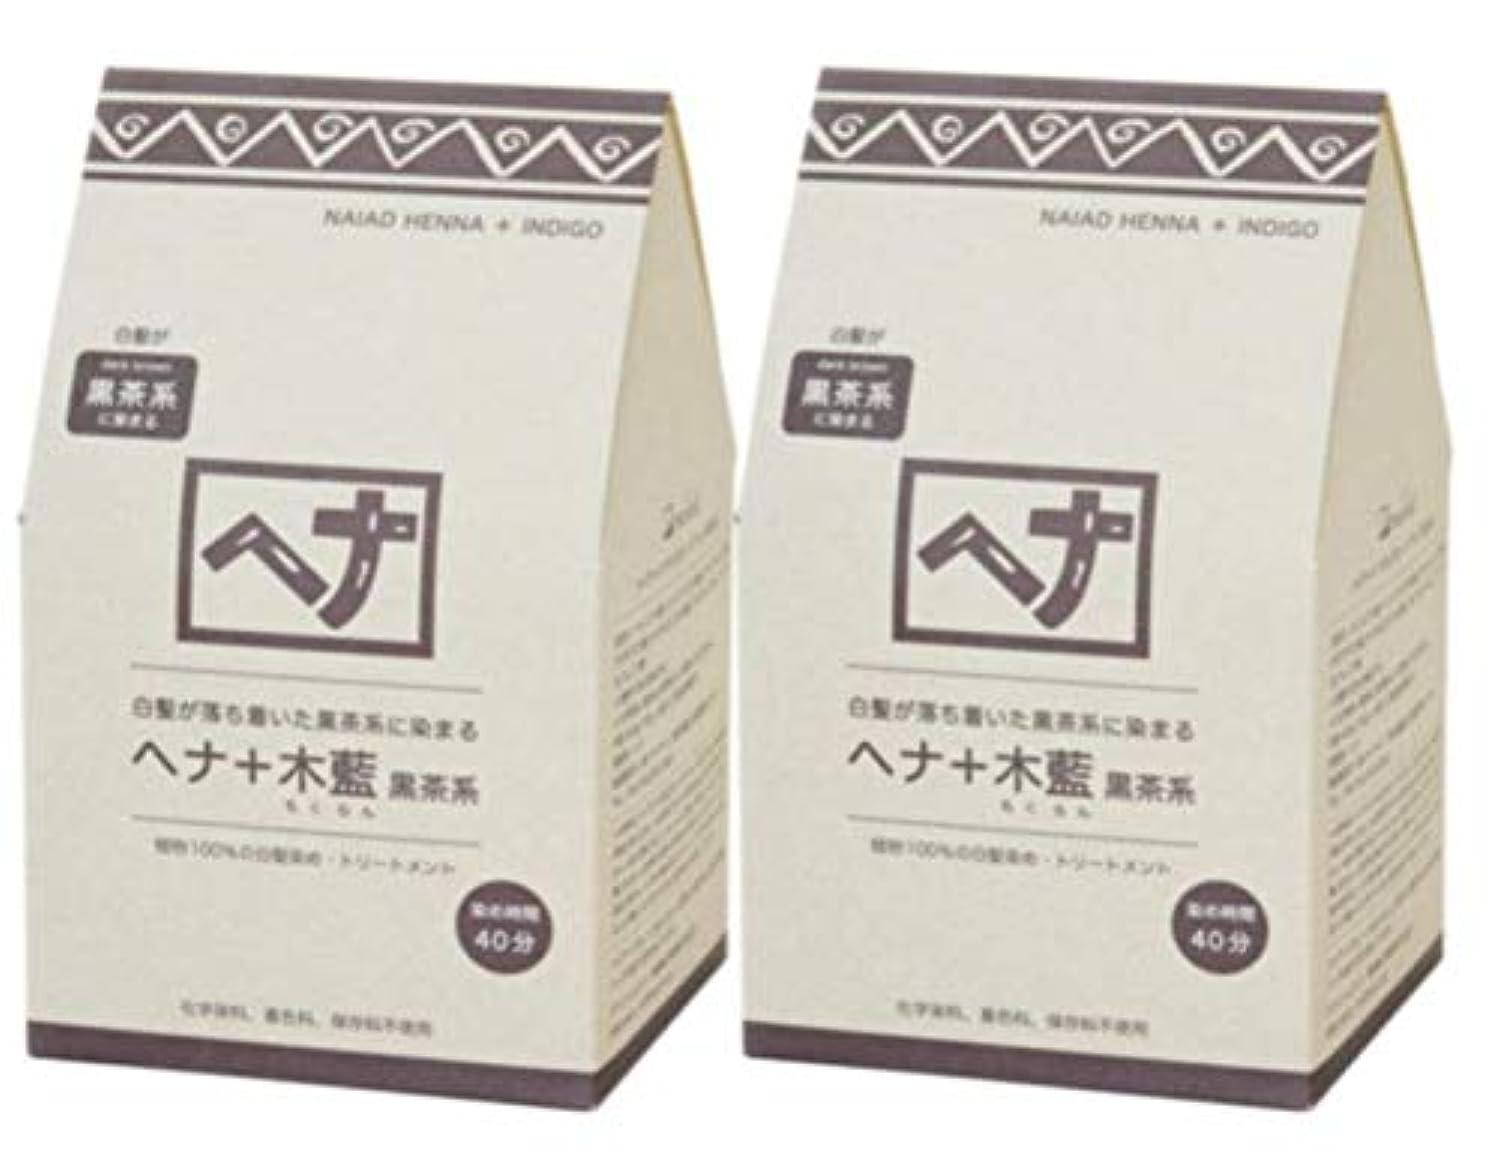 荒野思想憎しみNaiad(ナイアード) ヘナ+木藍 黒茶系 400g 2個セット